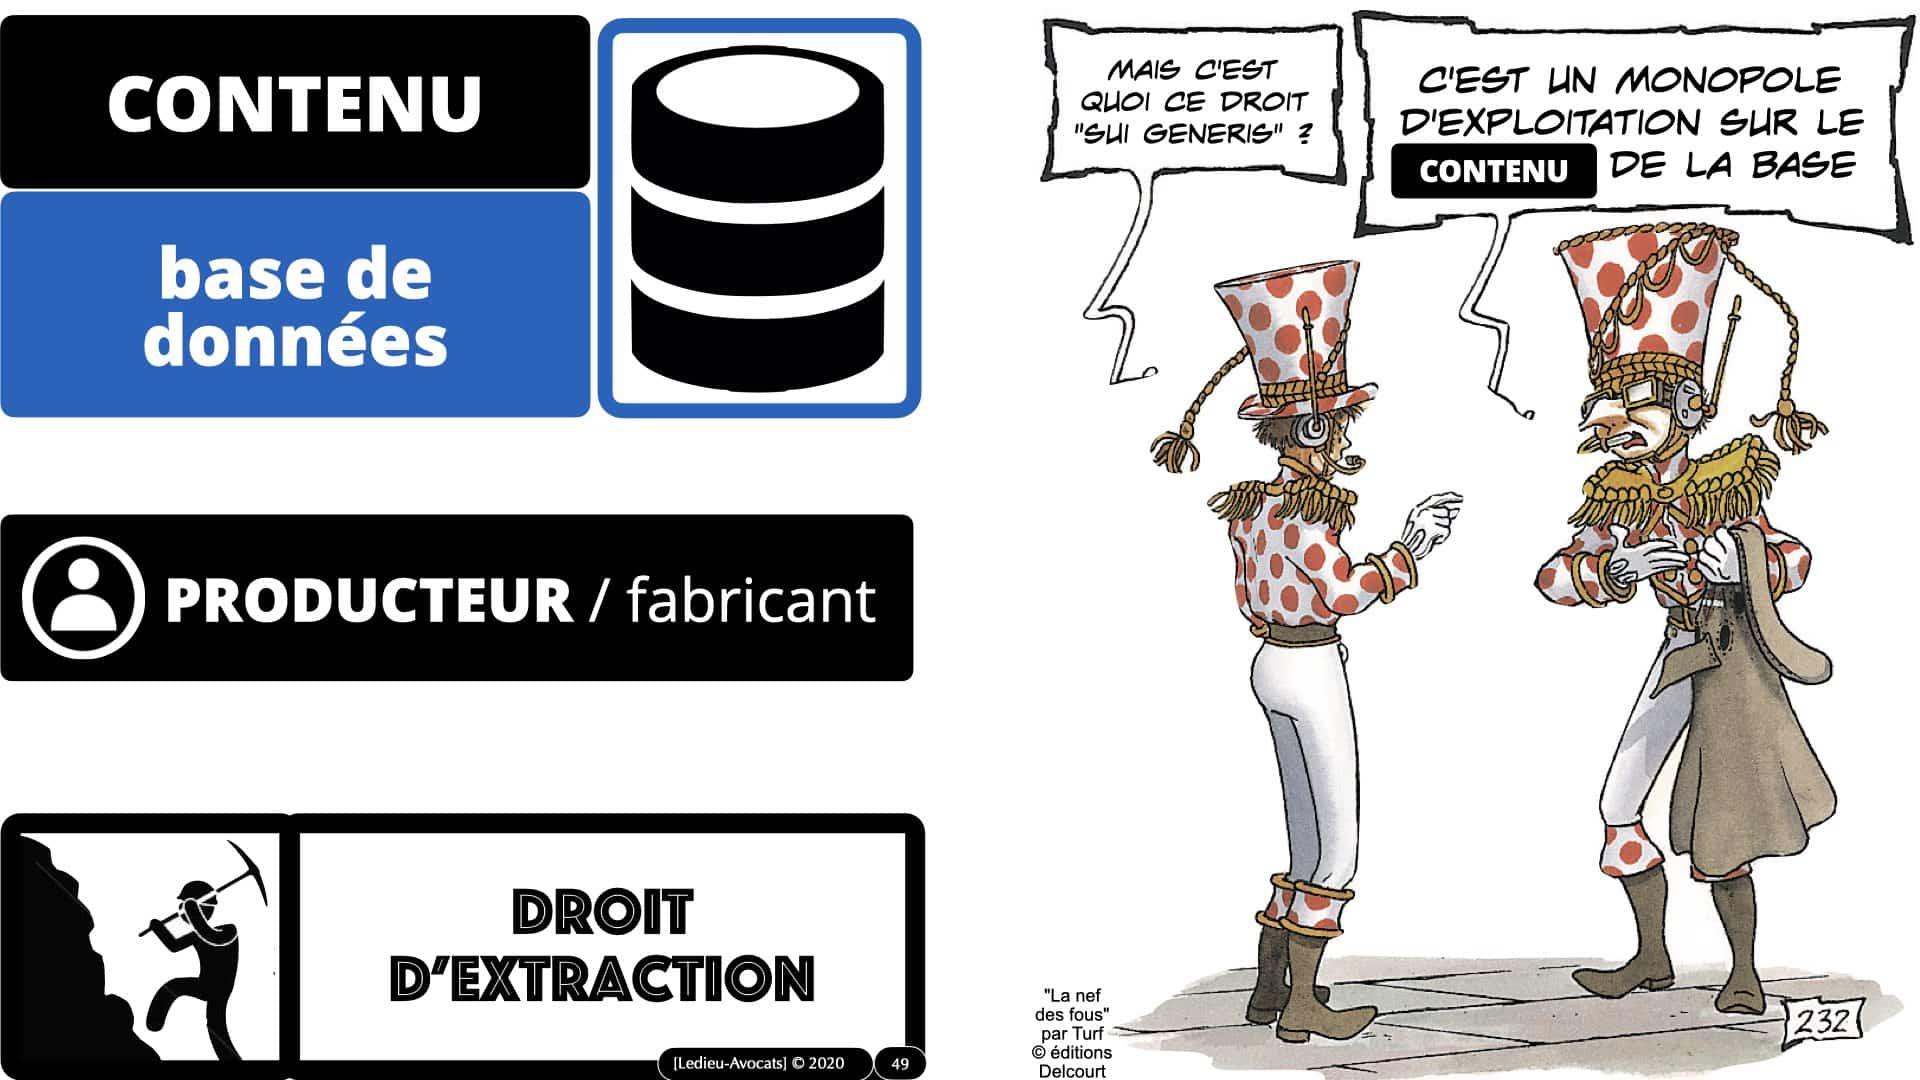 314 PRO BTP © Ledieu-avocat 03-12-2020.049